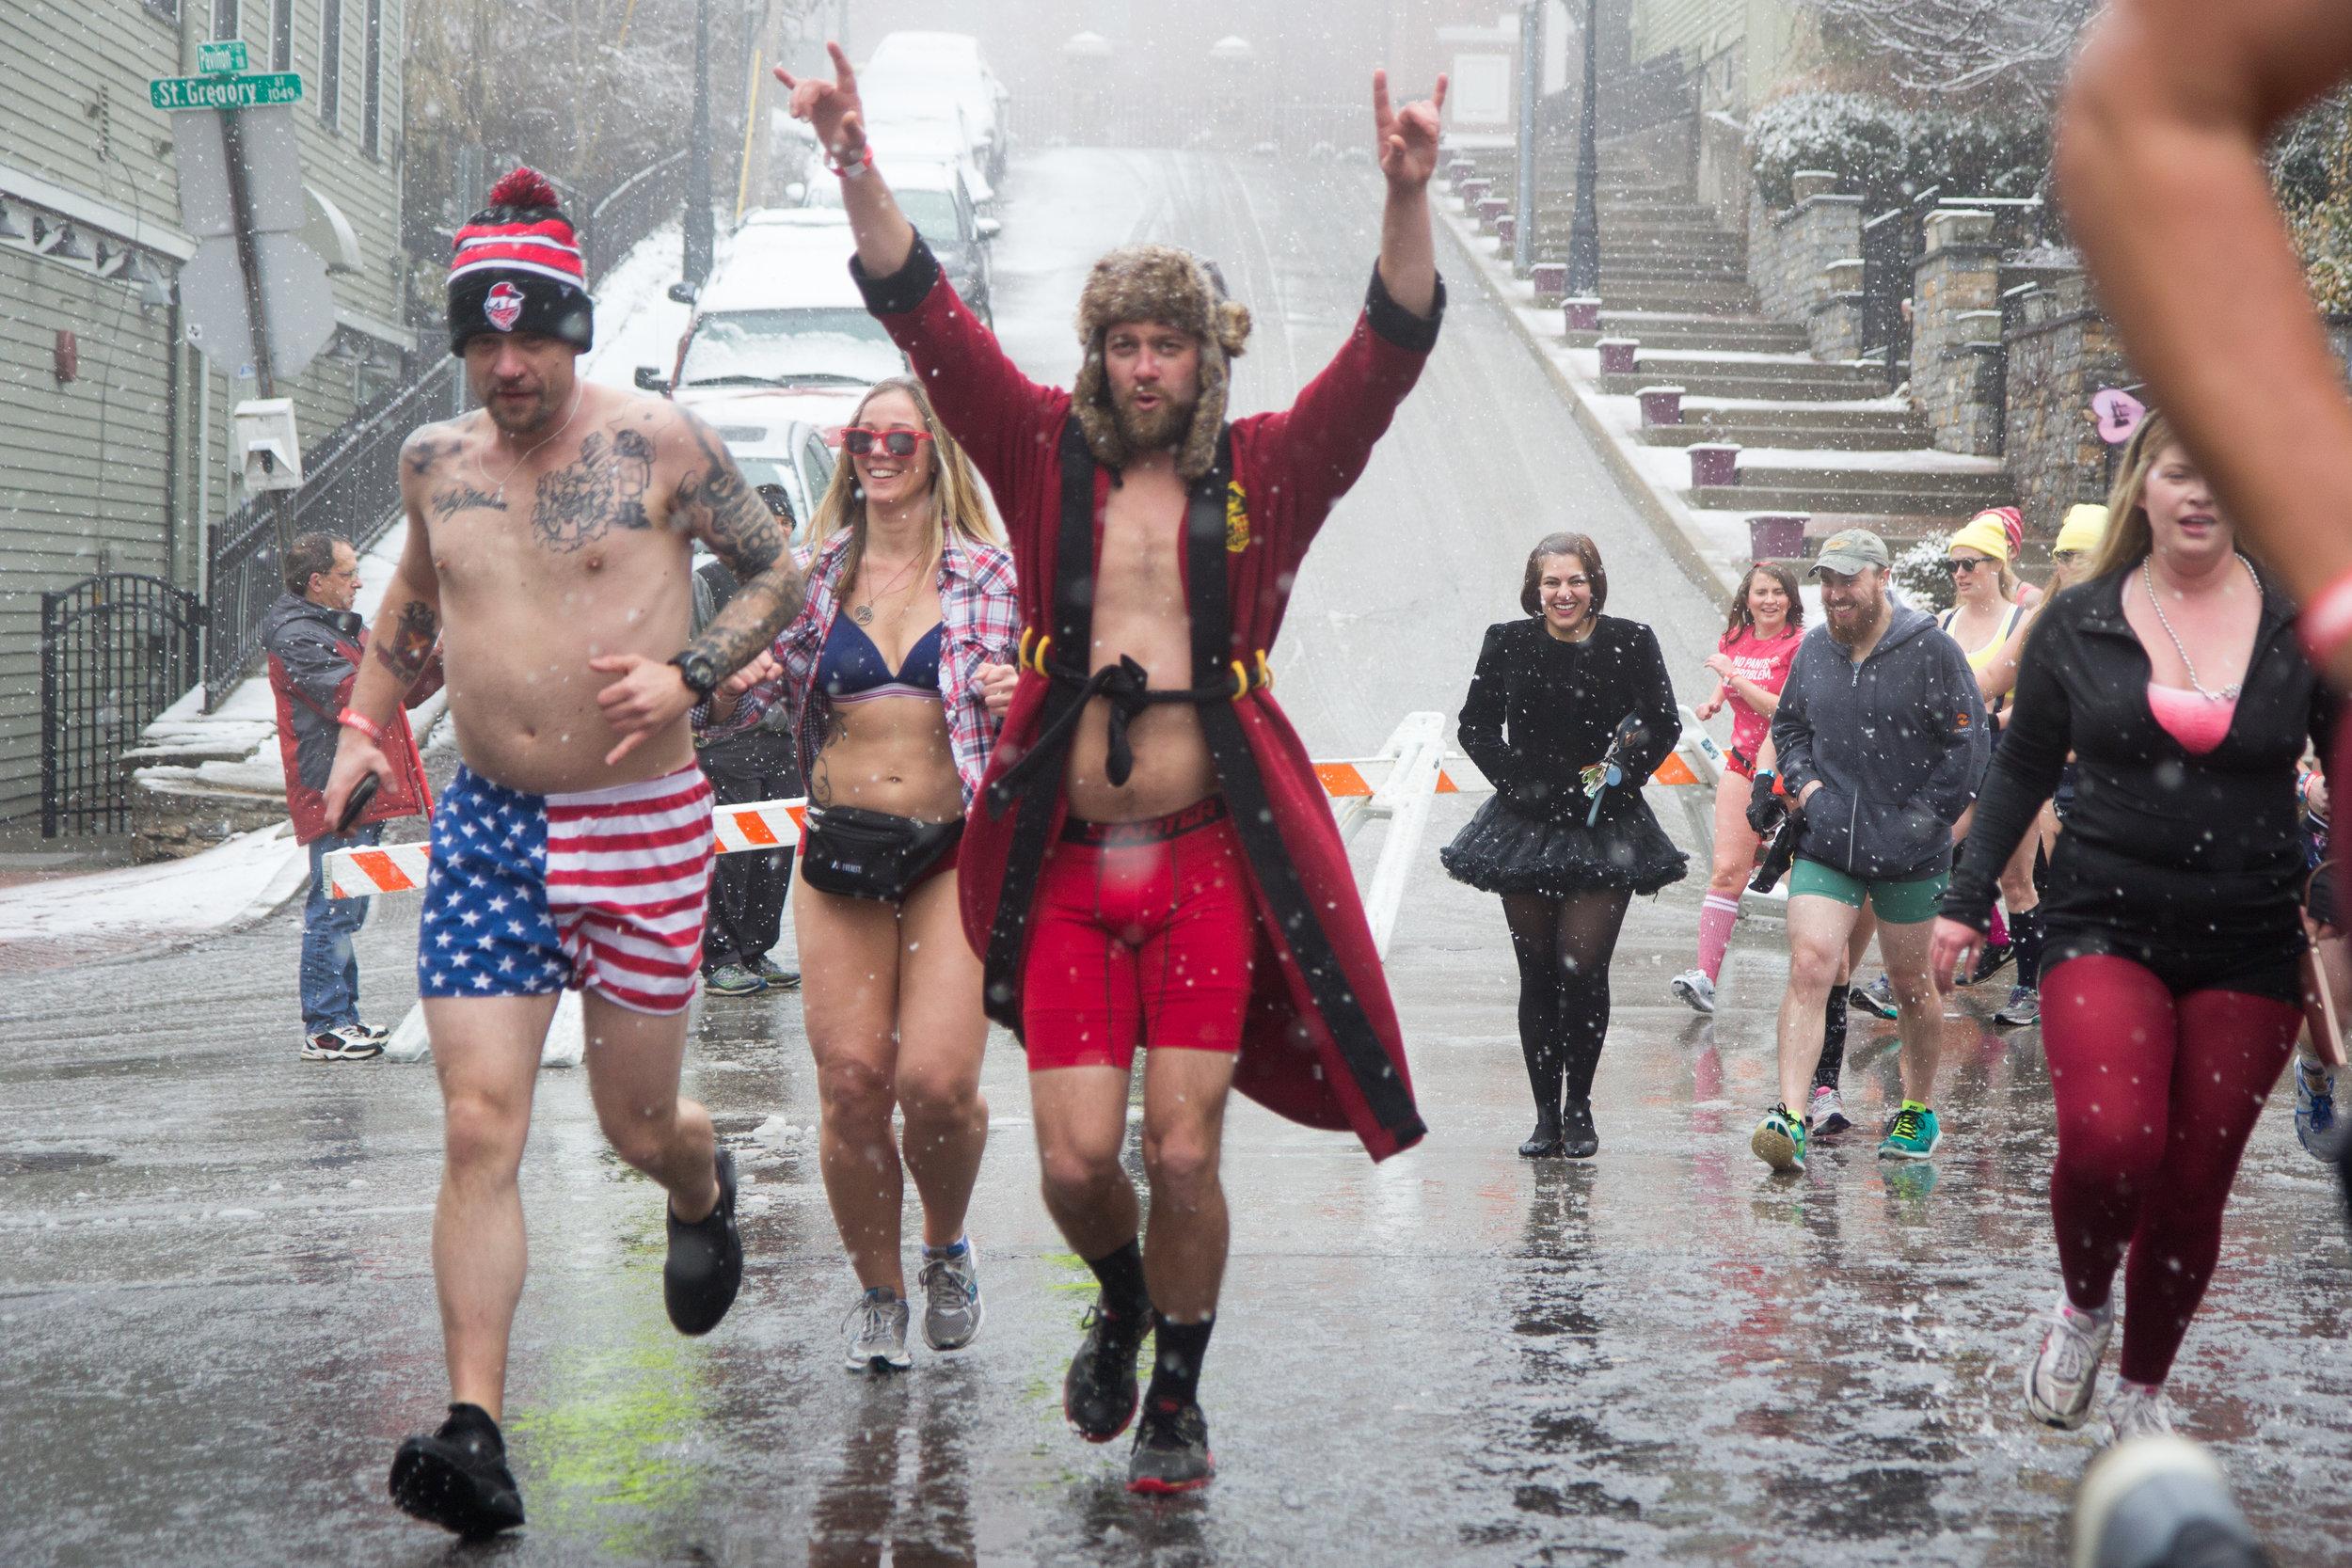 CaseyMillerPhoto - Cupid Undie Run 2018  (203 of 252).jpg